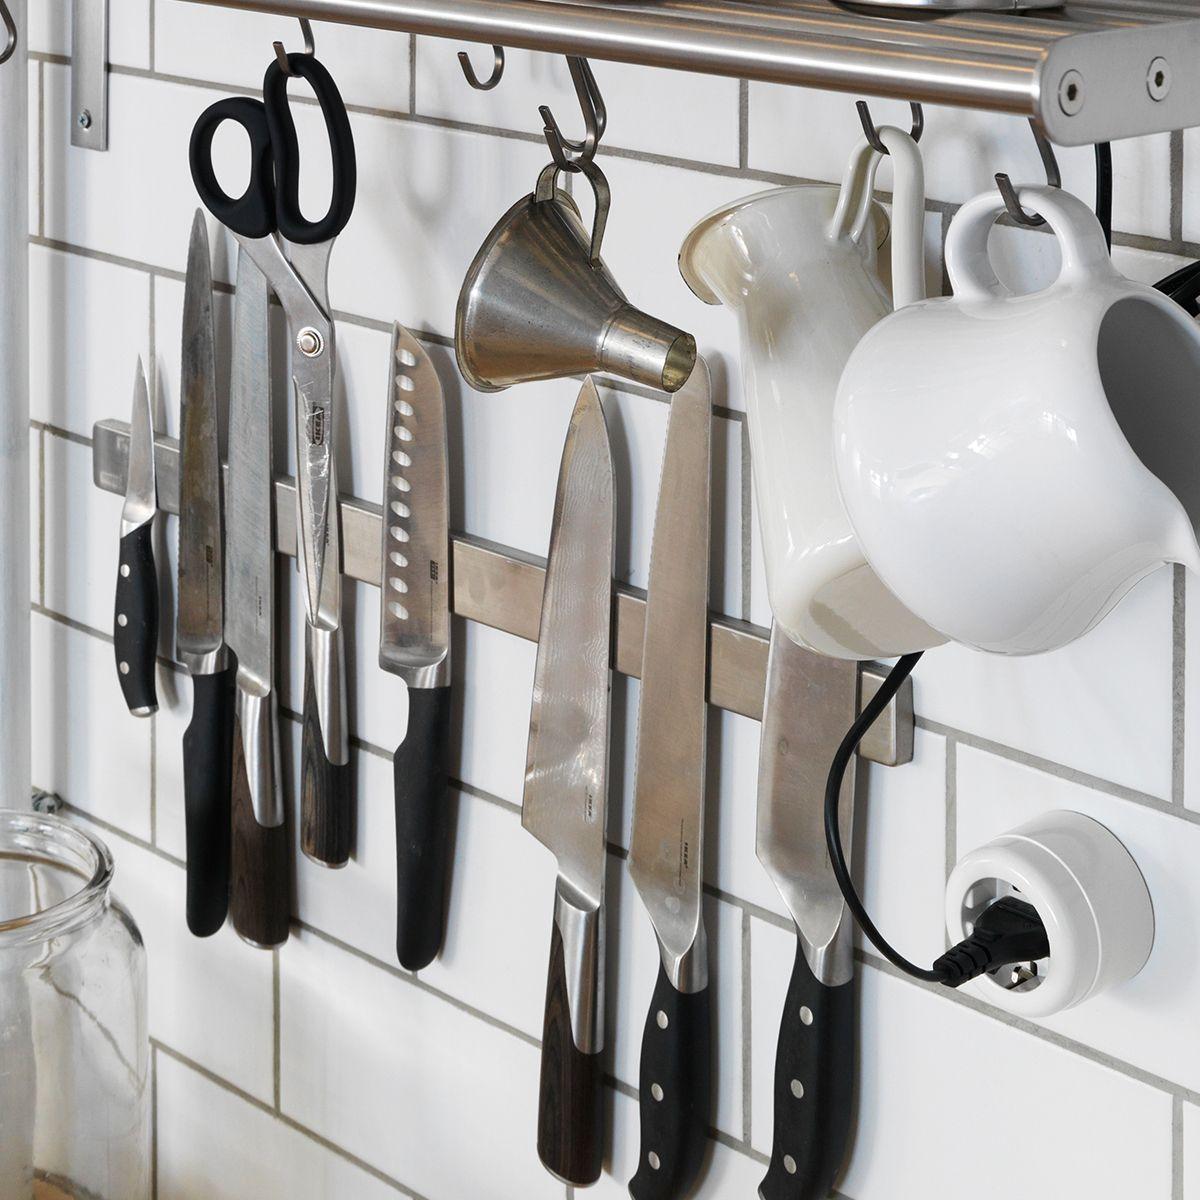 Grundtal Magneetlijst Ikea Ikeanl Keuken Messenlijst Messen